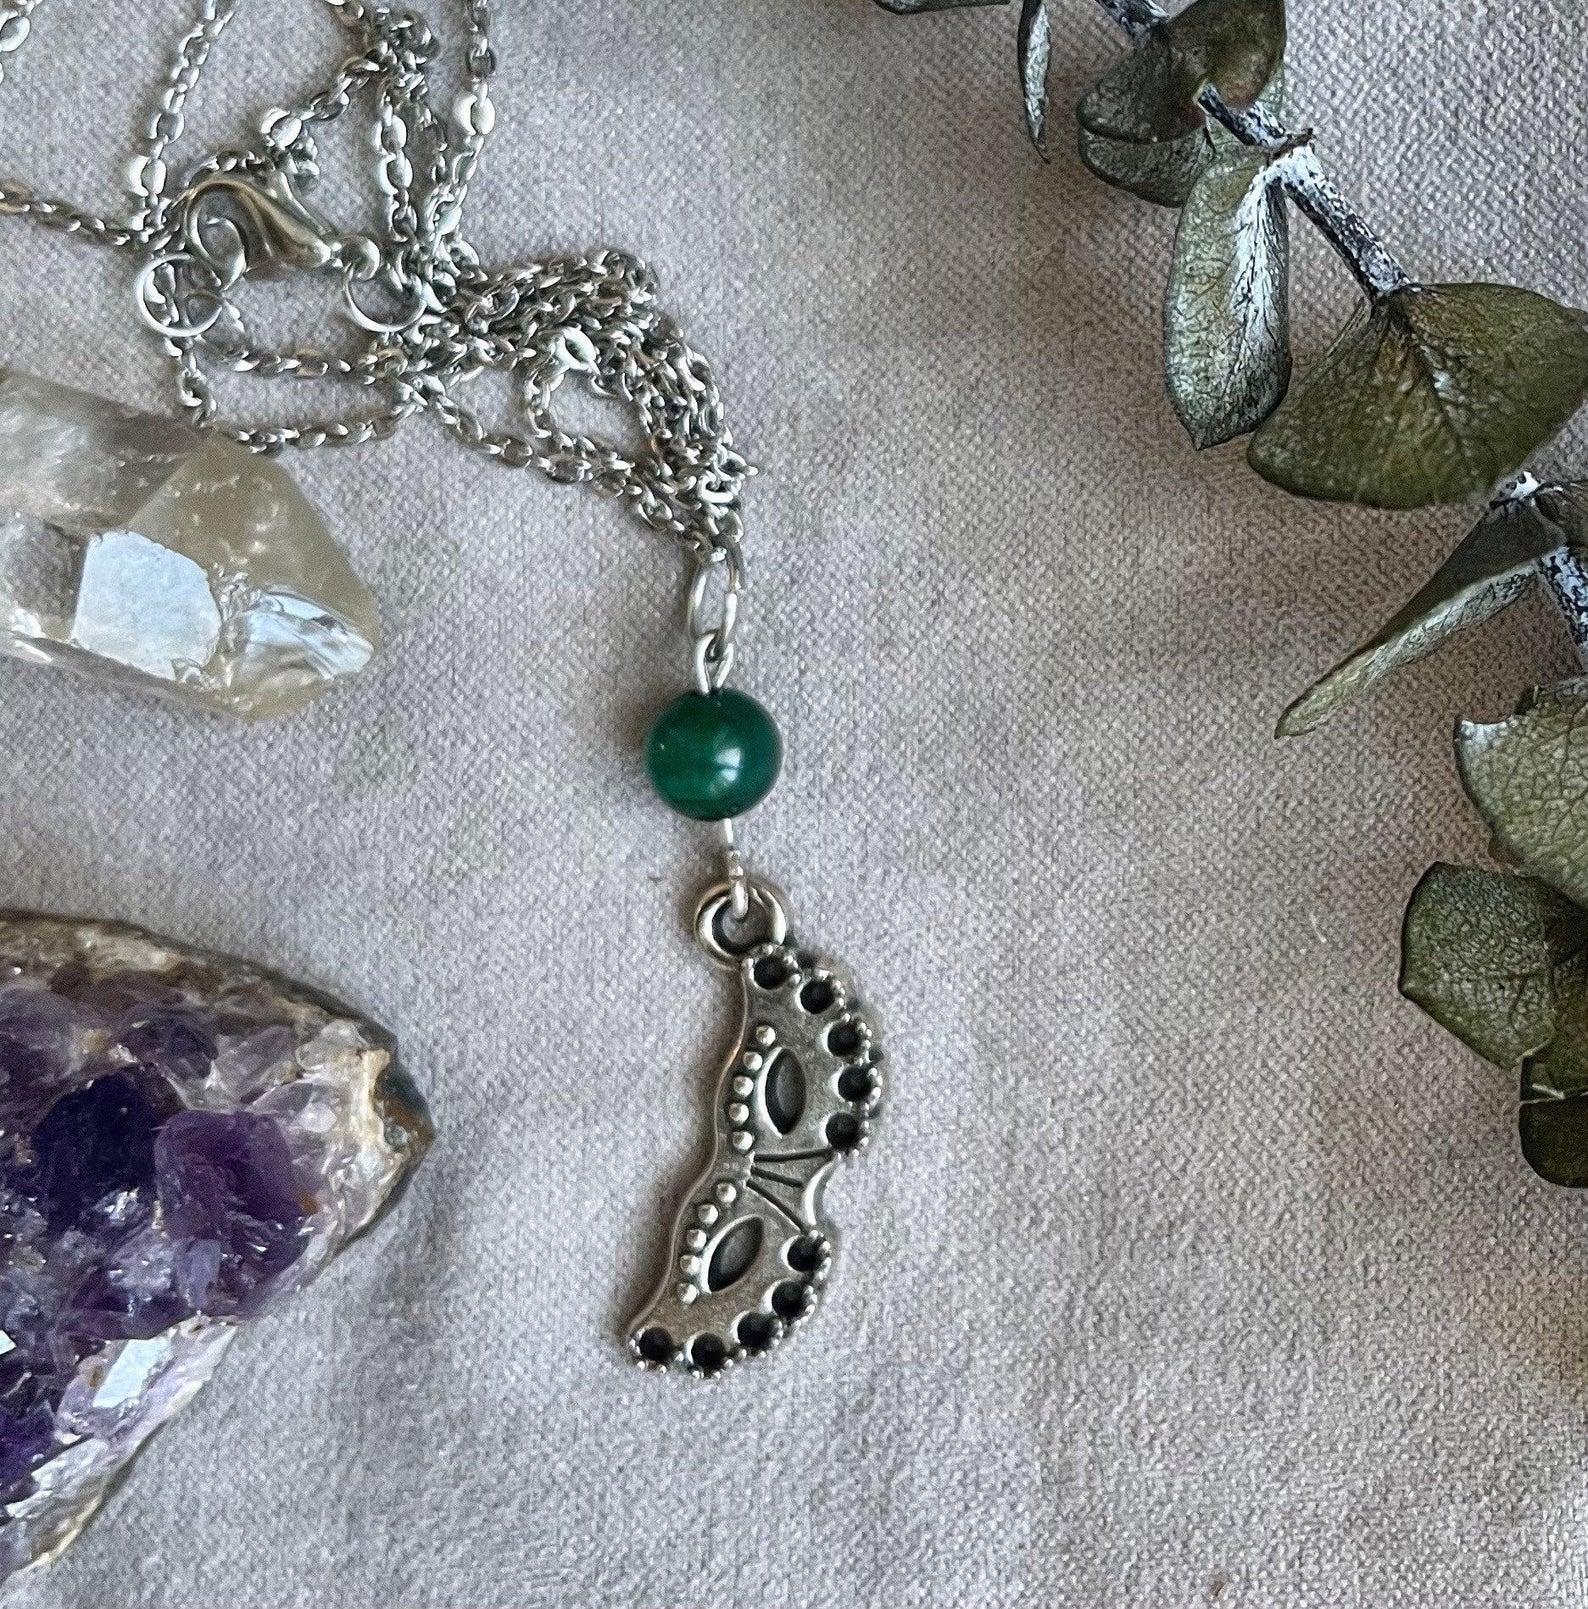 Collier perle de pyrithe et masque de Venise, 25$